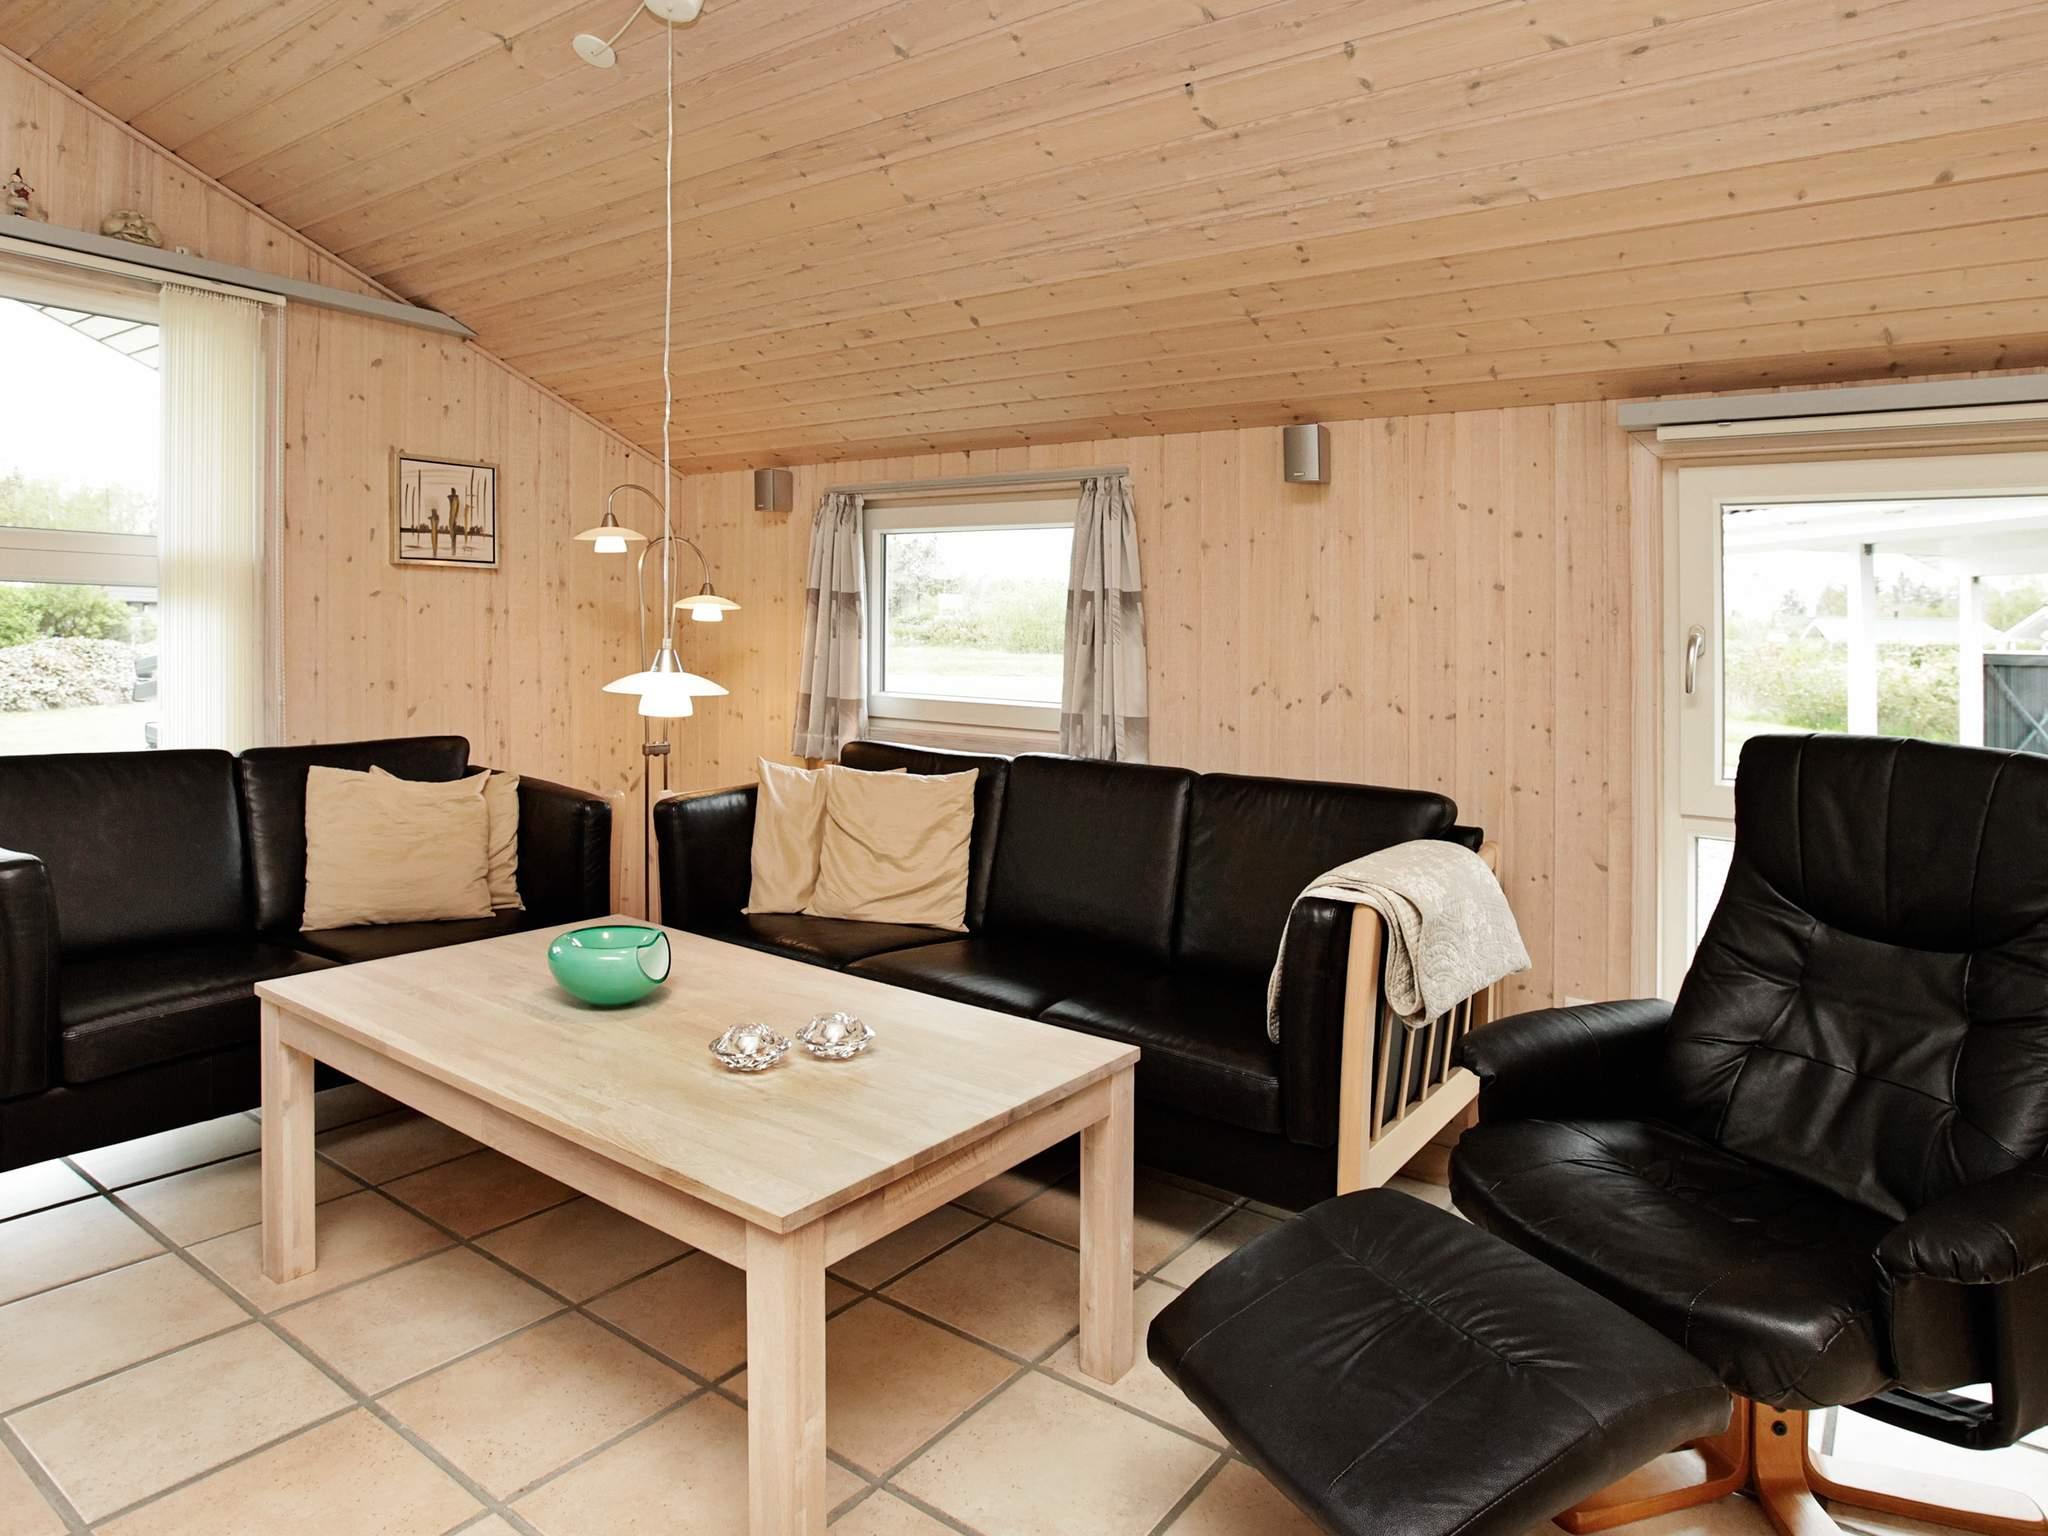 Ferienhaus Jegum (921203), Jegum, , Westjütland, Dänemark, Bild 2